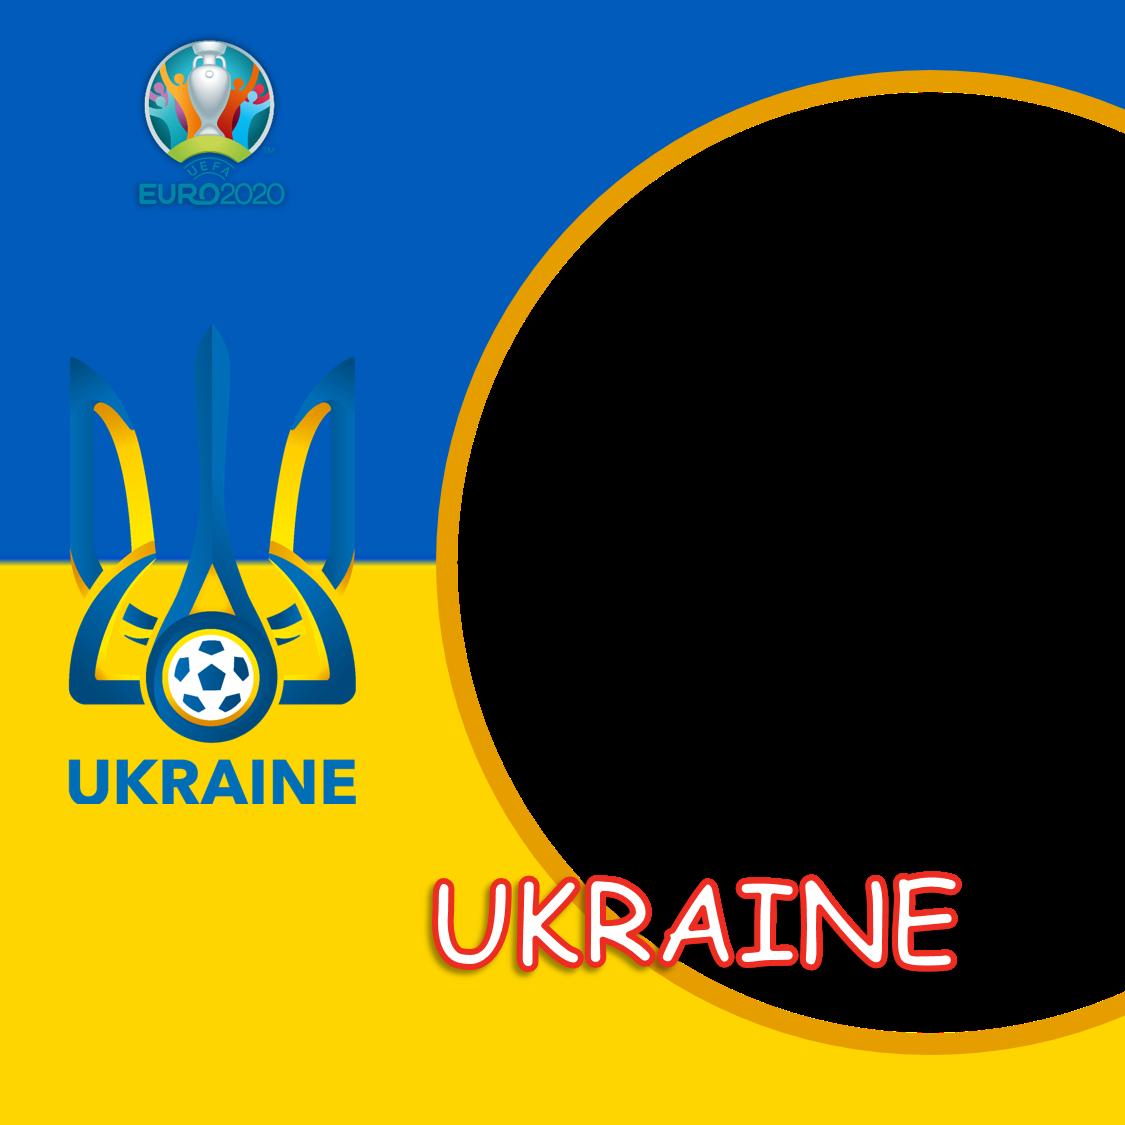 Template Background Bingkai Foto Twibbon Ukraina Euro 2020 - Ukraine Euro 2021